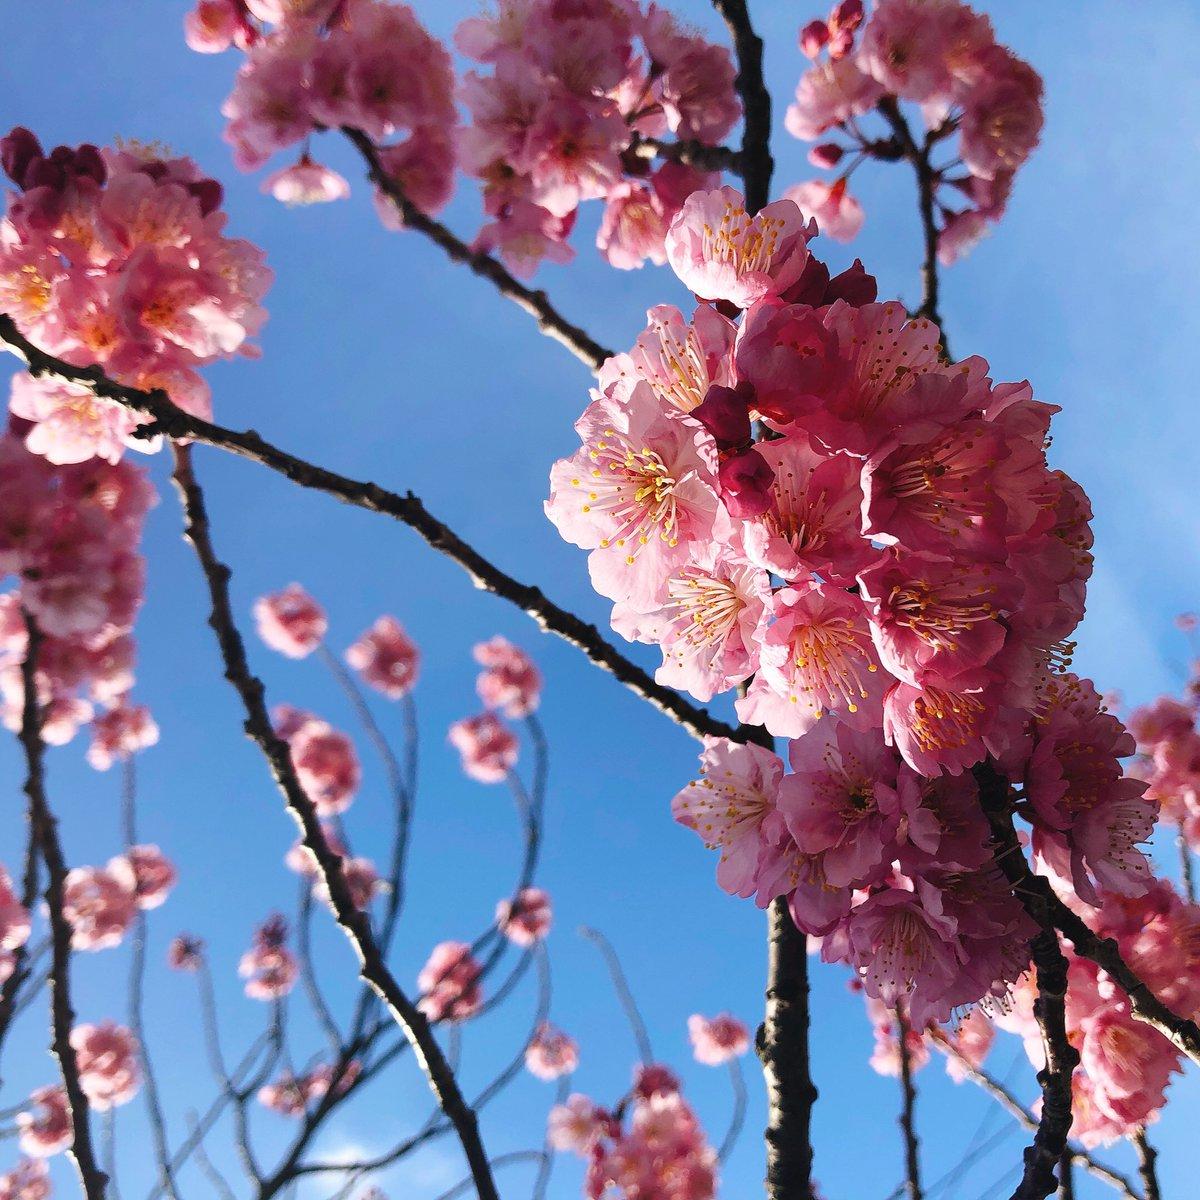 凱旋7日目終えました!ありがとうございました!!写真を全然撮らなかったので…休演日に散歩した時の写真を🎈綺麗に咲いていました☺️#エーステ#秋単独